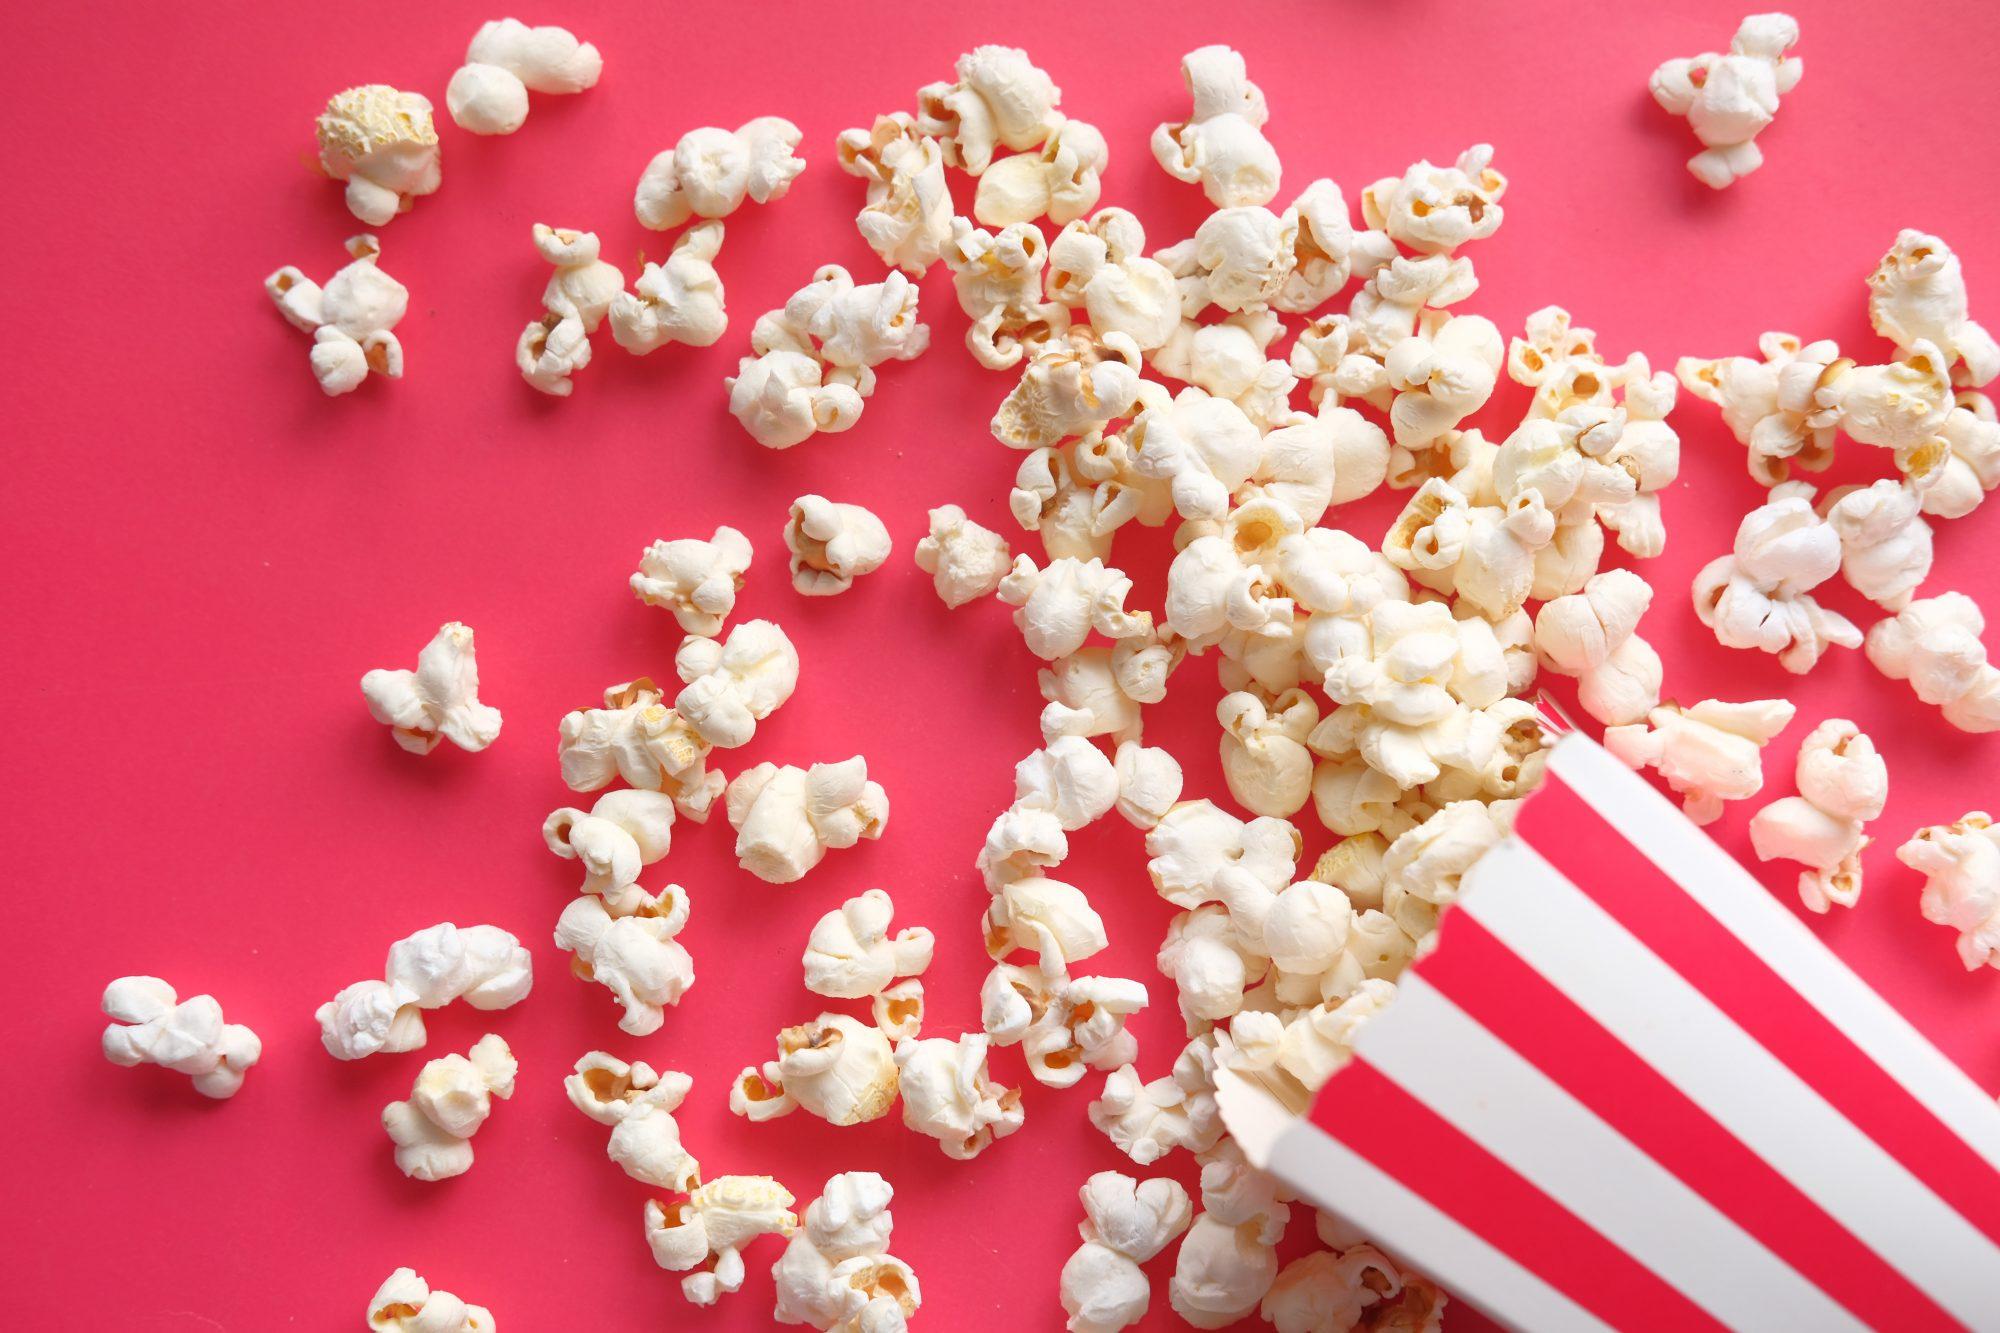 Popcorn Getty 1/21/20